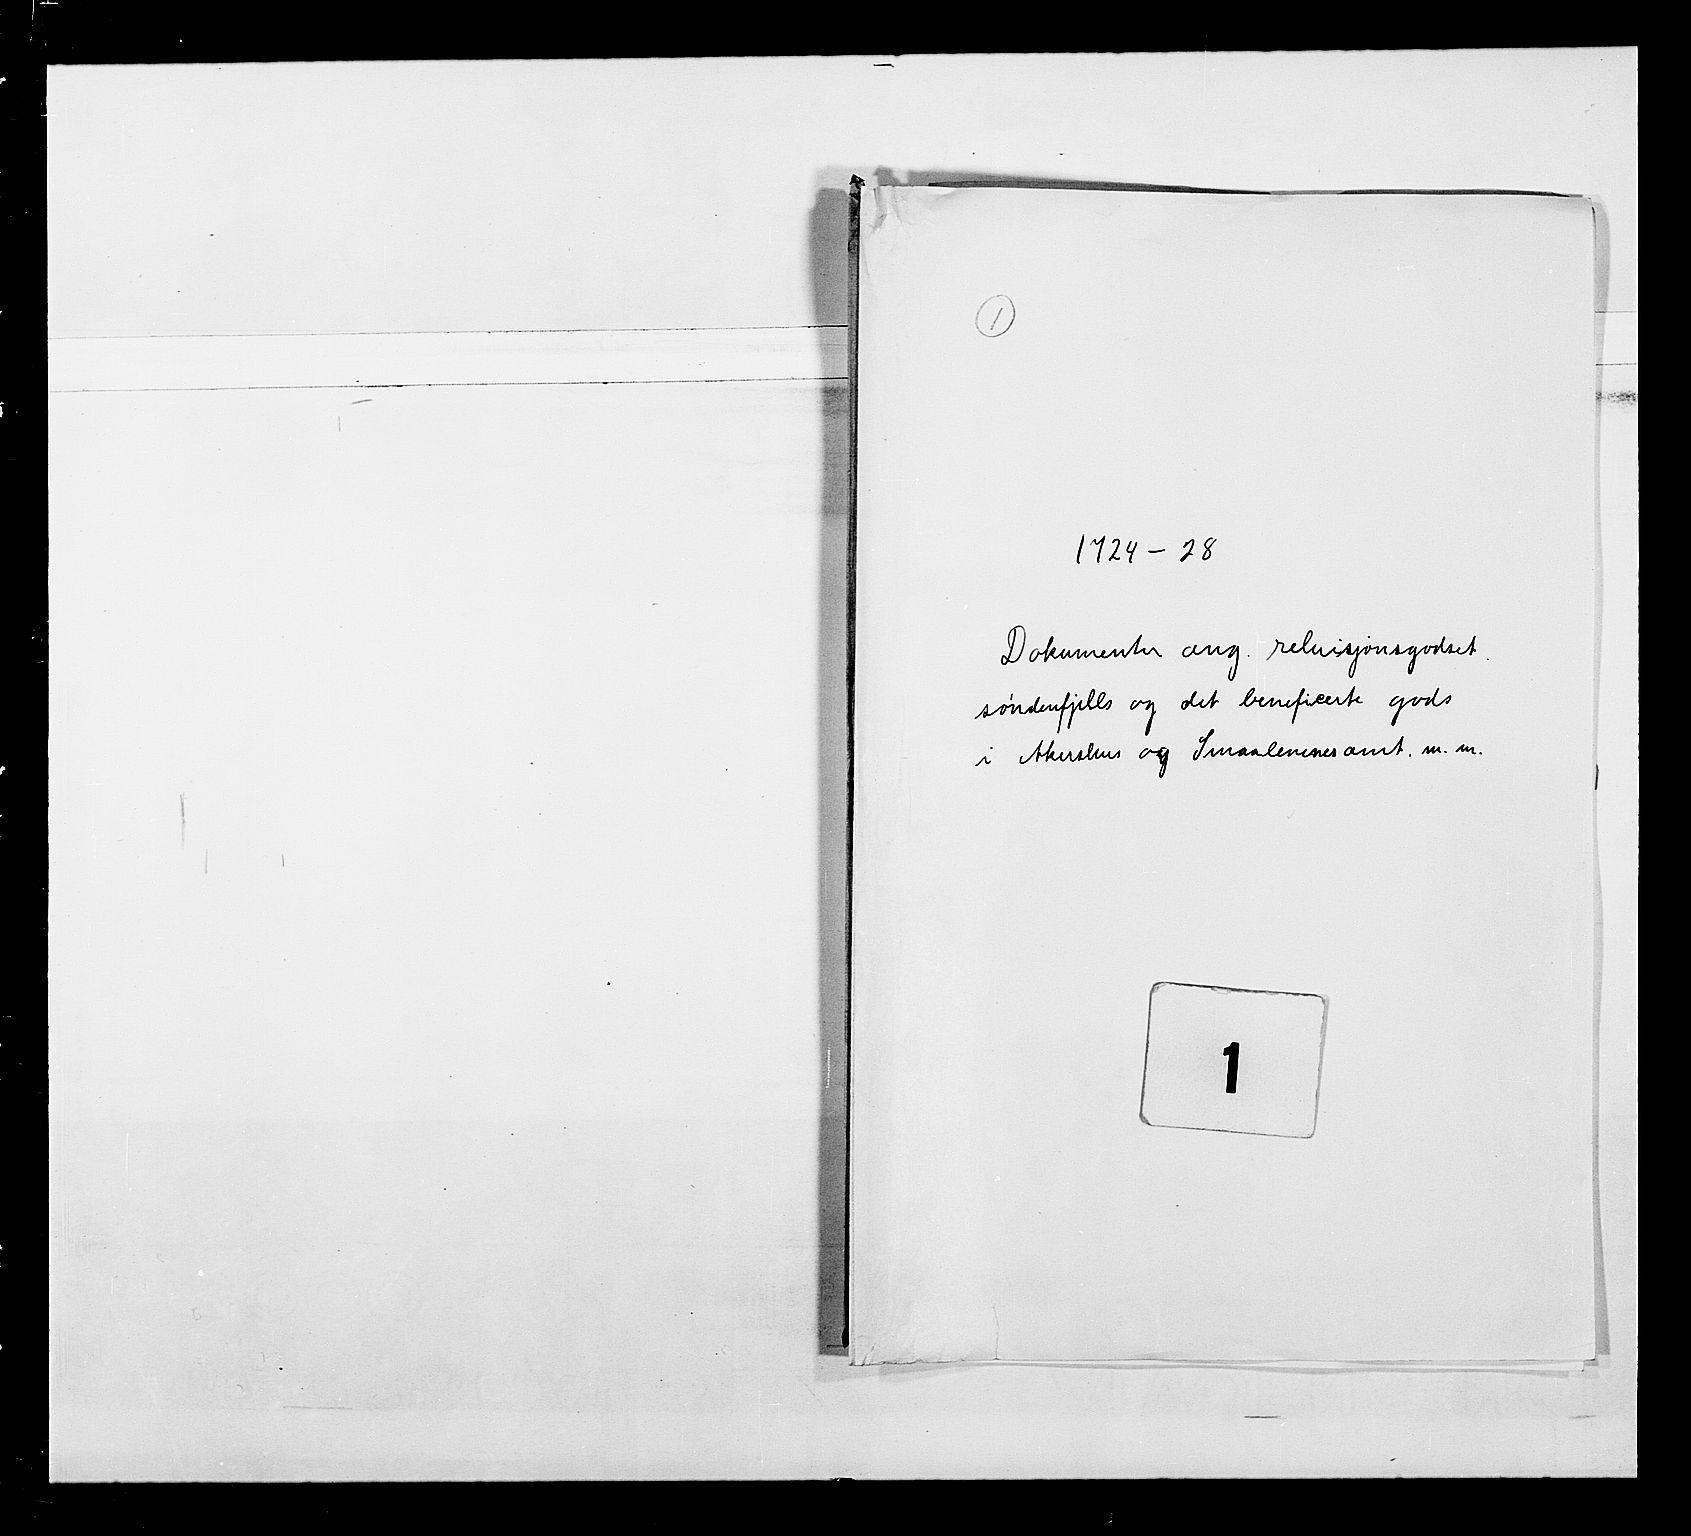 RA, Stattholderembetet 1572-1771, Ek/L0043: Jordebøker o.a. 1720-1728 vedkommende krongodset:, 1724-1728, s. 1